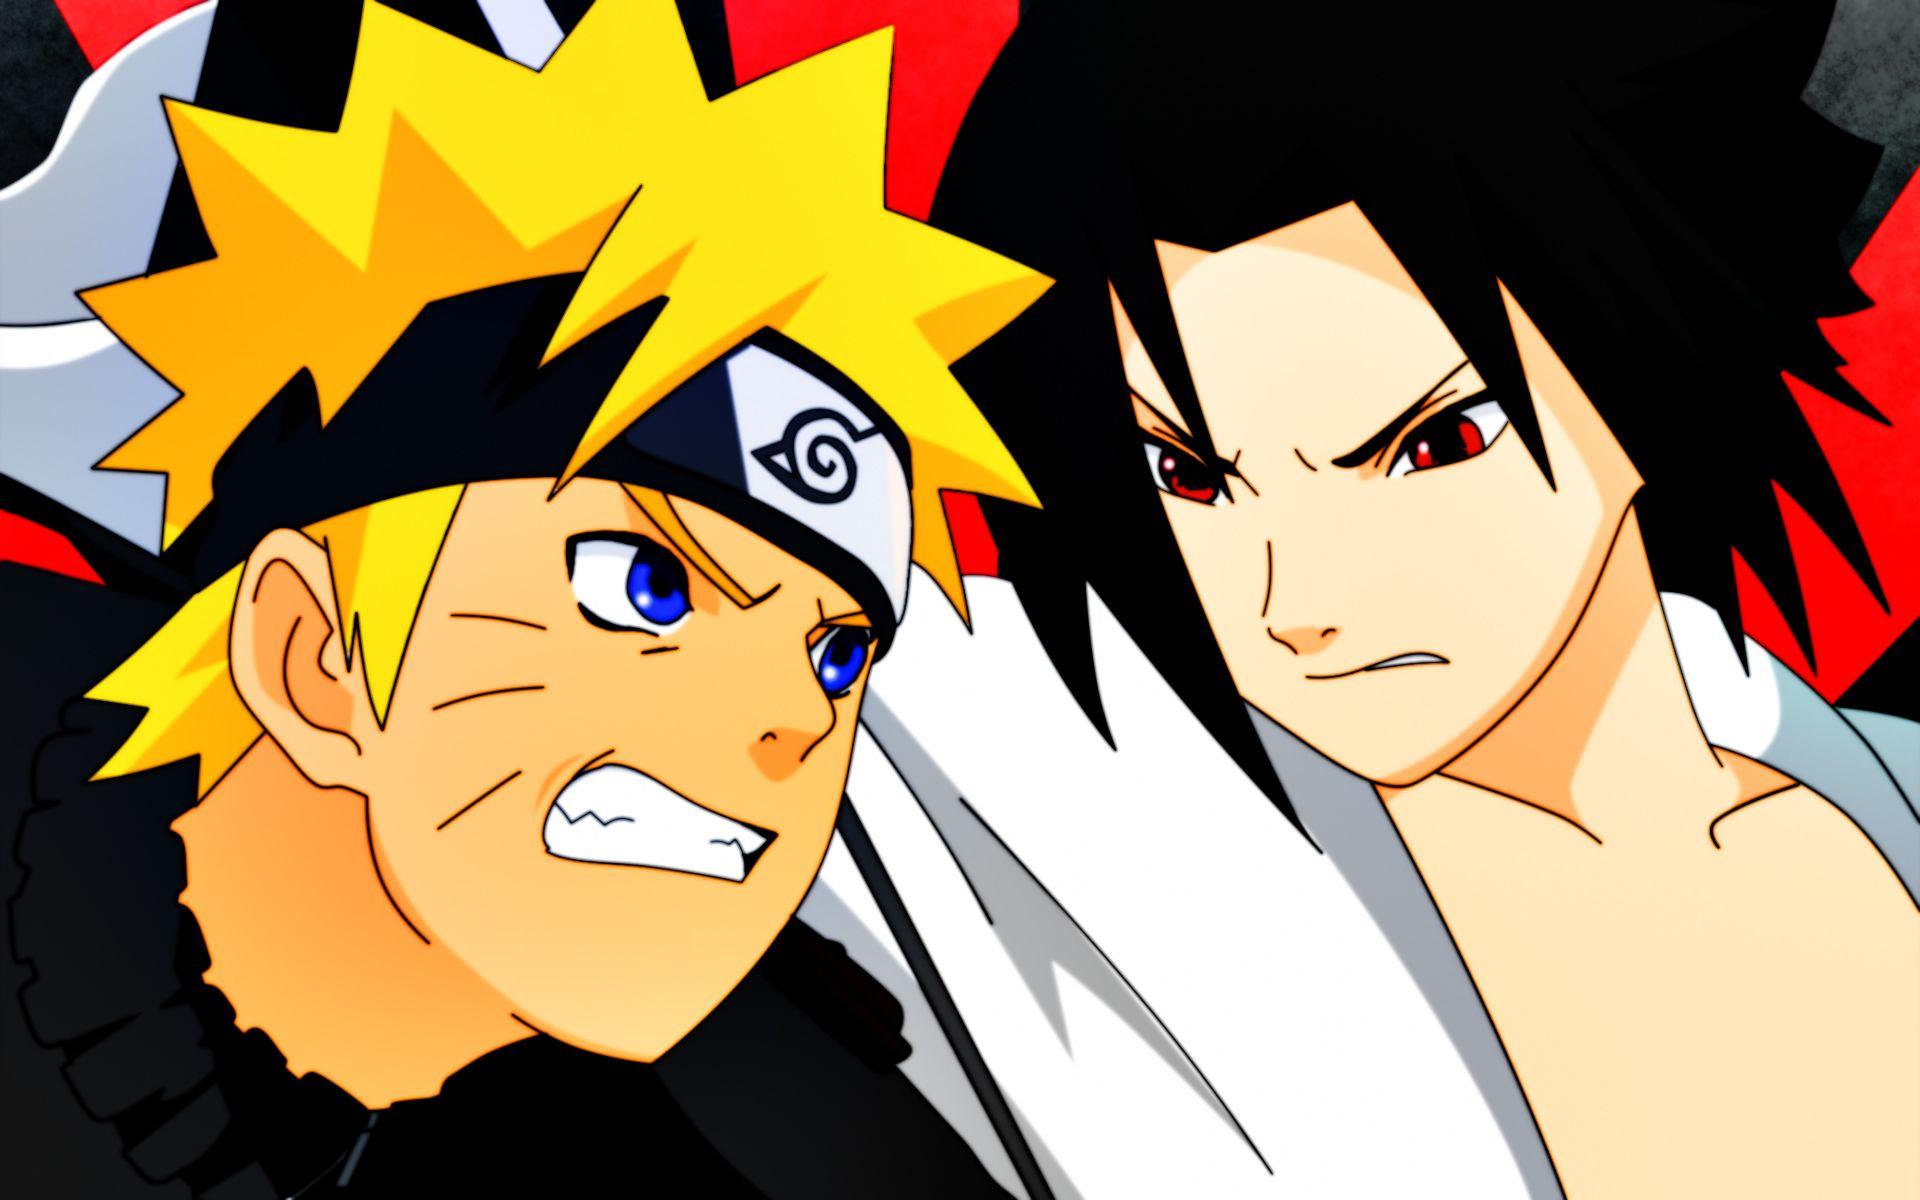 Naruto Shippuden Wallpaper Widescreen Zun Naruto Anime